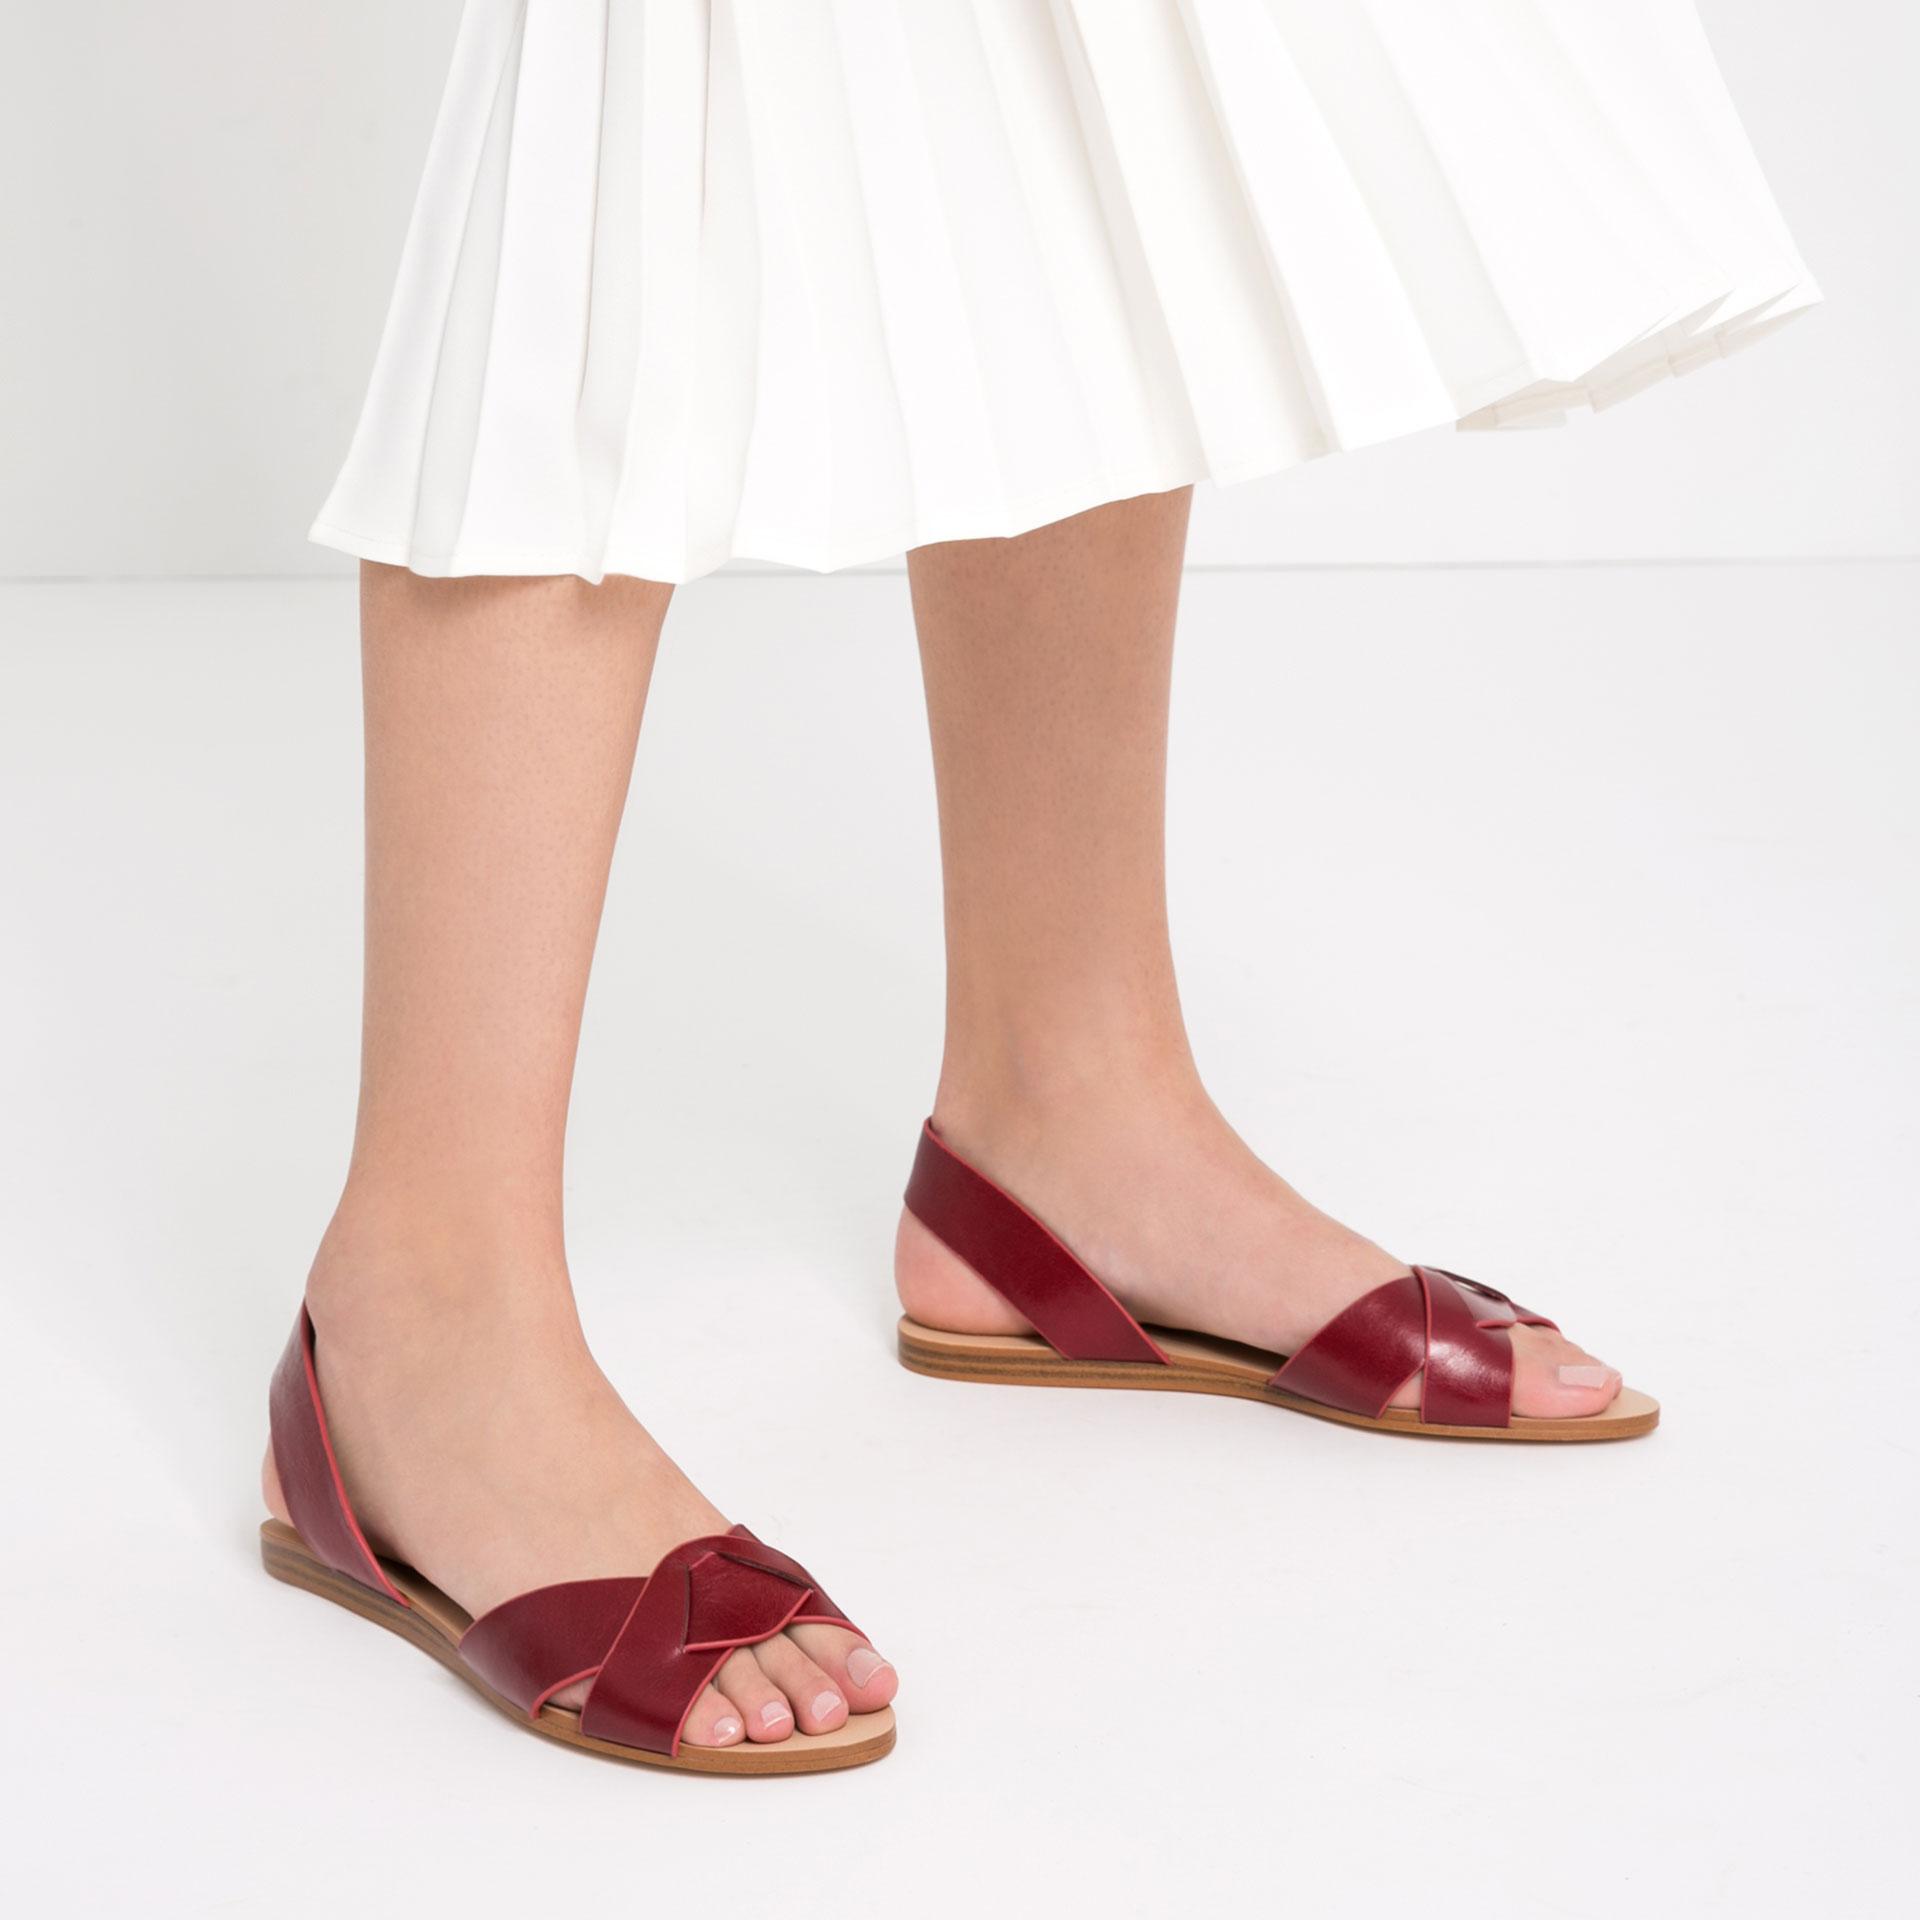 6 Farklı Tarz ile Sandaletler minimal